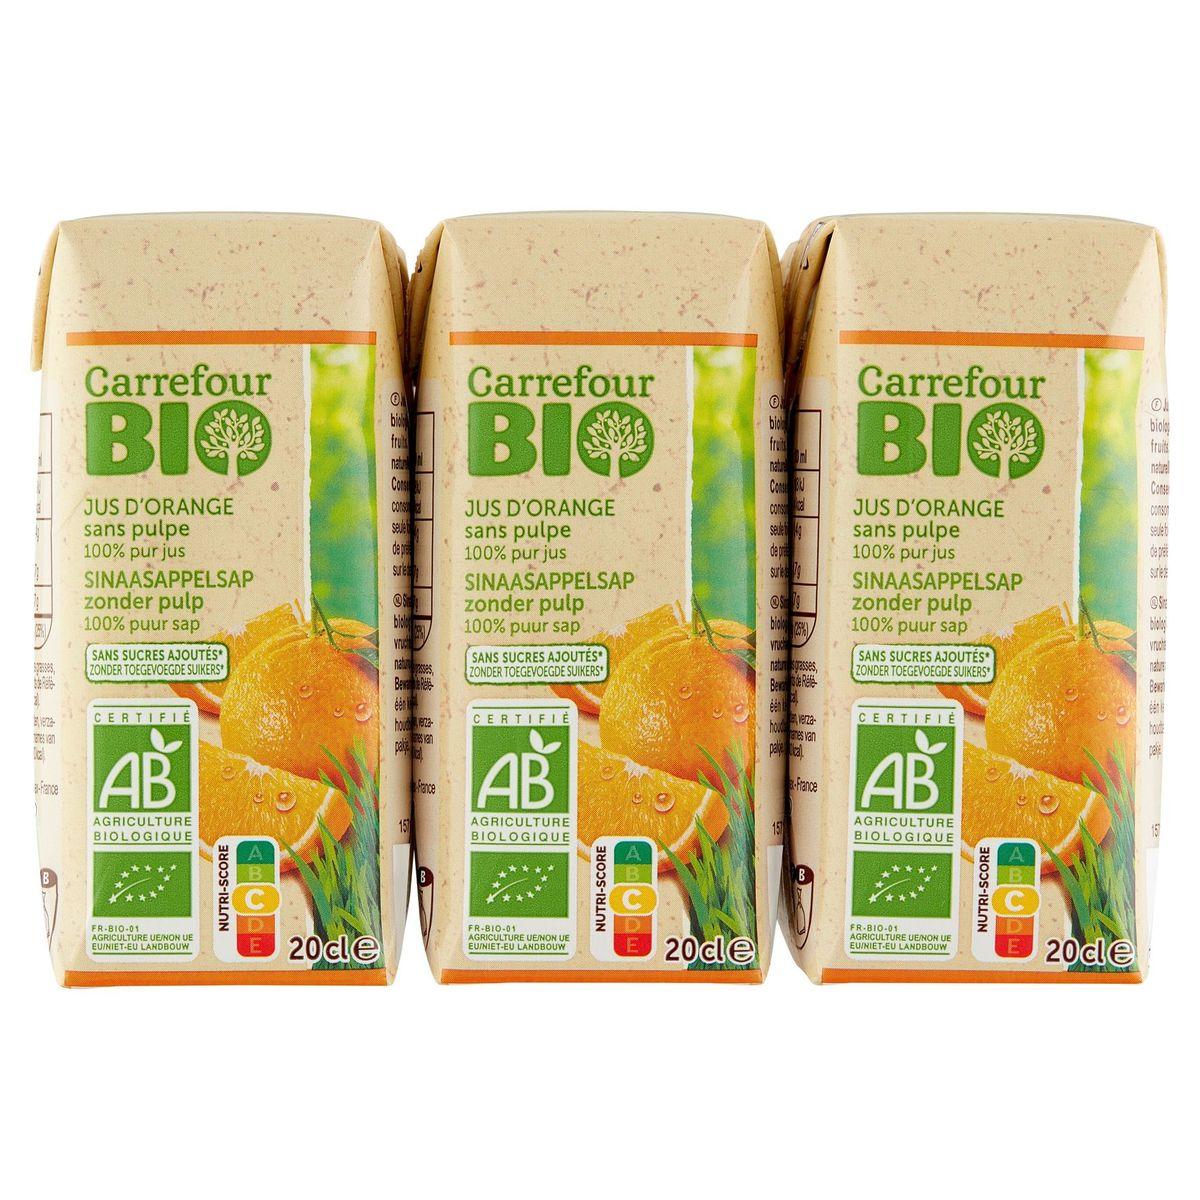 Carrefour Bio 100% Pur Fruit Pressé Jus d'Orange Bio 6 x 20 cl